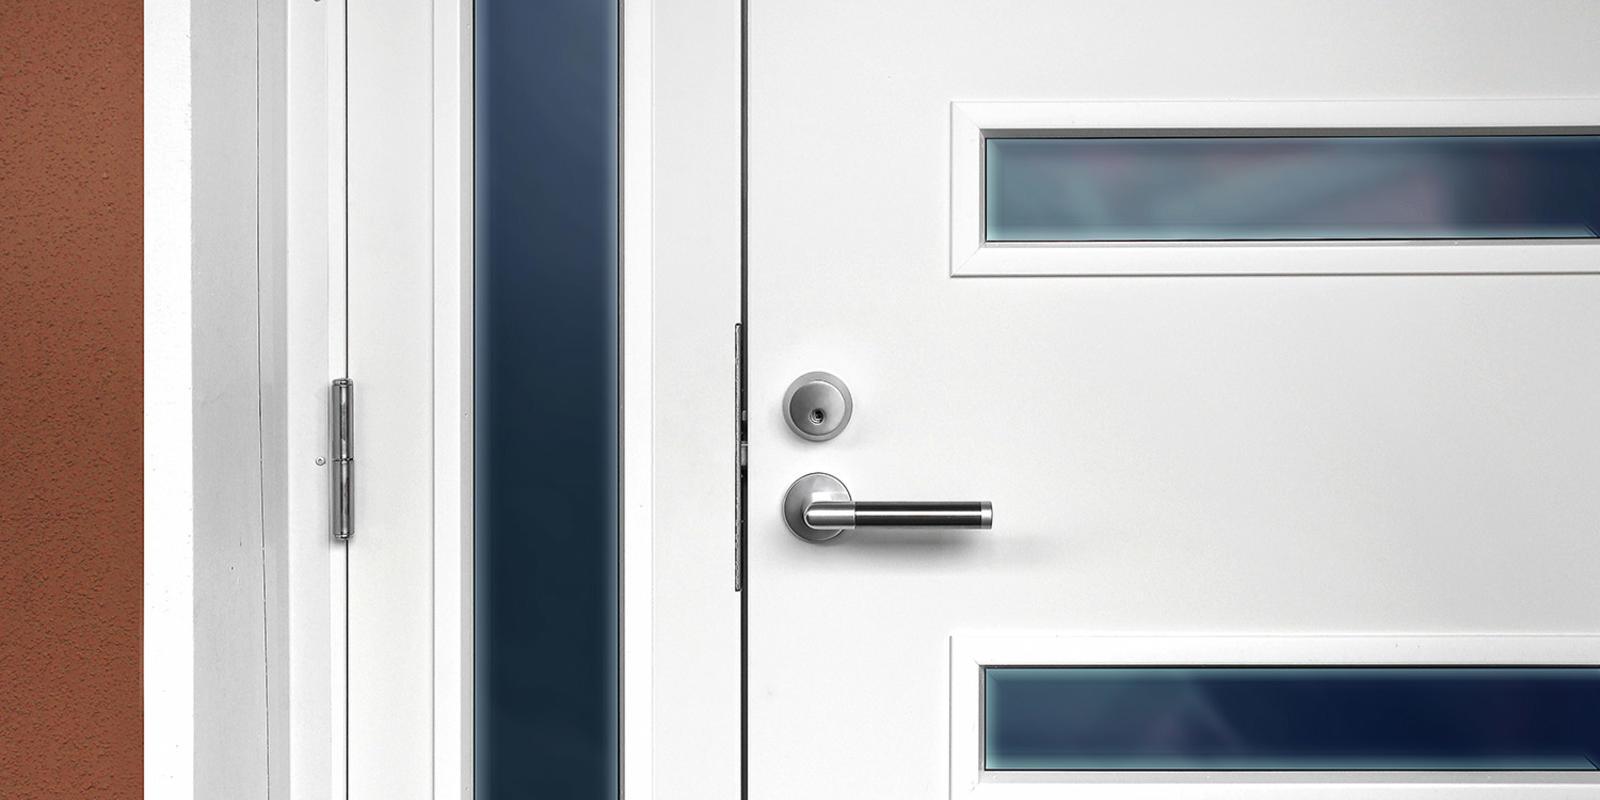 Raambeveiliging voordeur